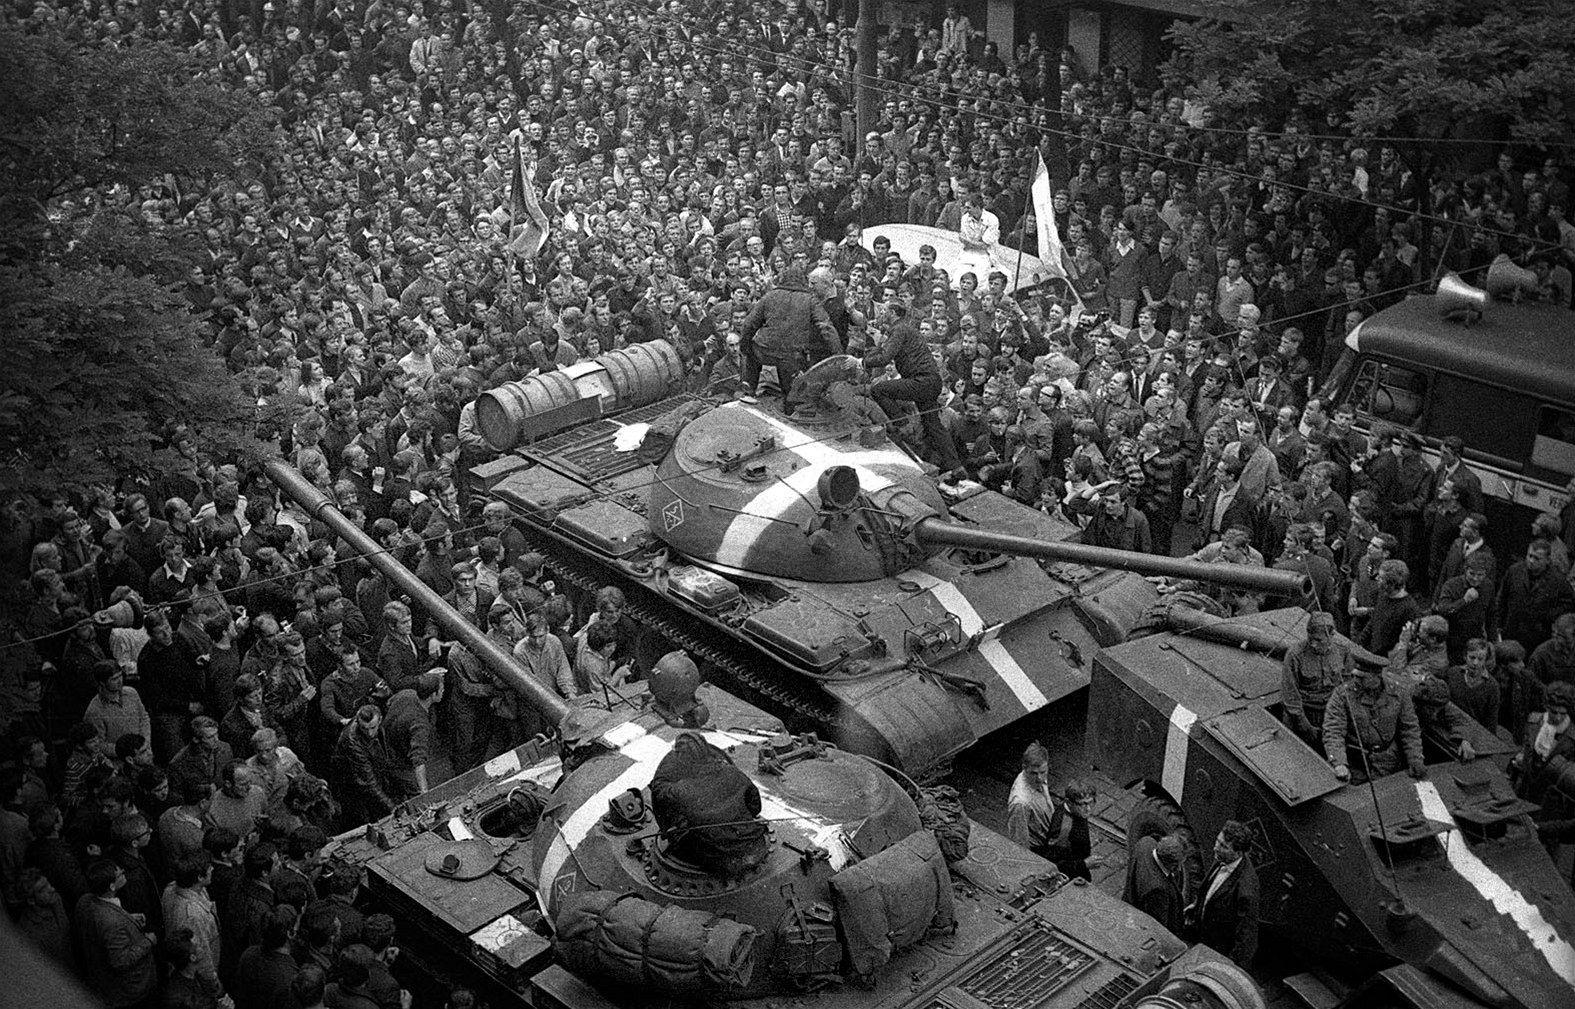 """Vedení republiky vyzvalo obyvatele, aby """"nekladli odpor."""" """"Obrana je nemožná,"""" konstatovali představitelé státu. Až na několik odvážných lidí, kteří na tanky házeli zápalné lahve, se tím všichni řídili."""